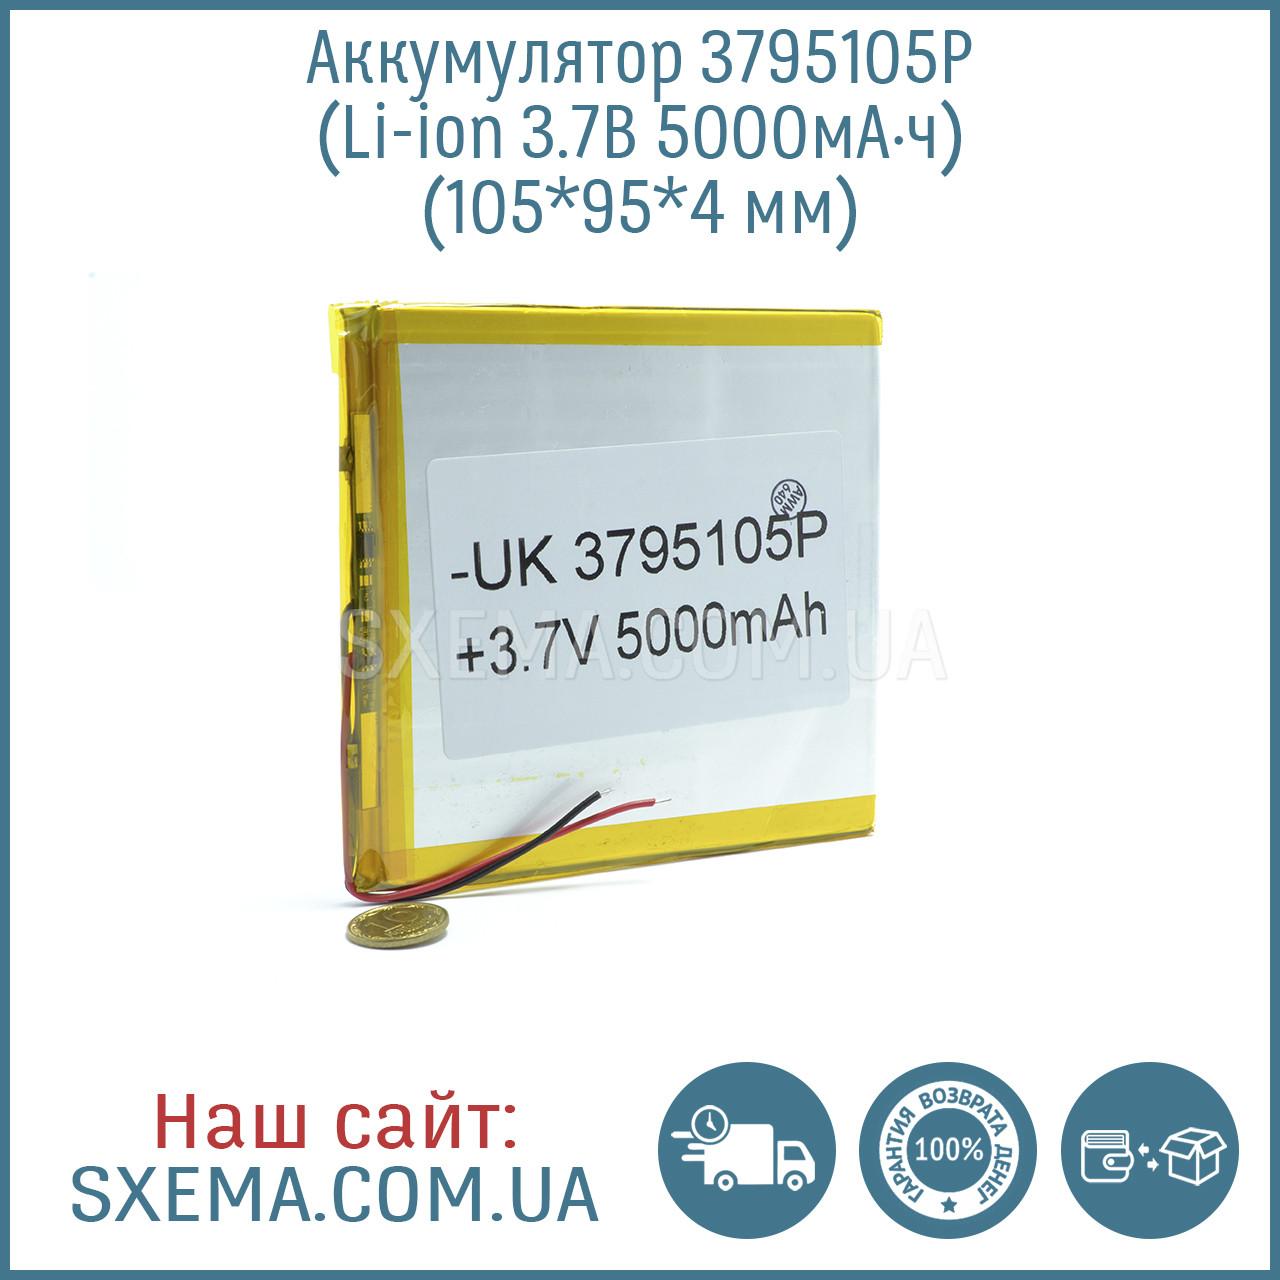 Аккумулятор универсальный 3795105   (Li-ion 3.7В 5000мА·ч), (105*95*4 мм)